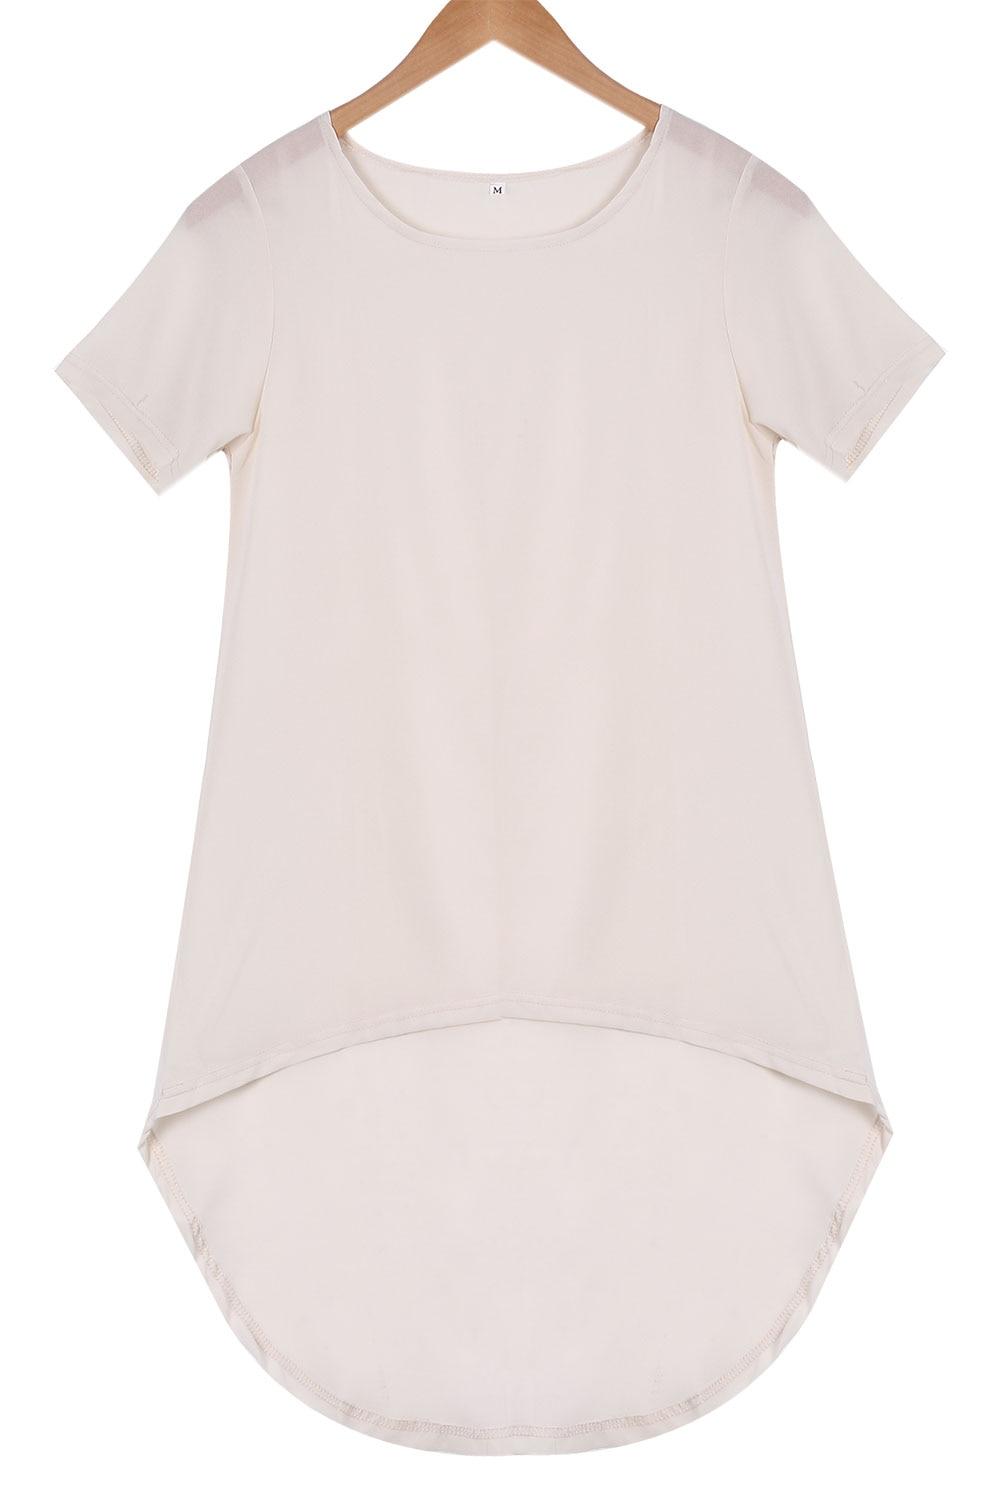 Plus Size women summer shirt Fashion Womens Loose Chiffon Tops Short Sleeve shirts Casual Blouse 6